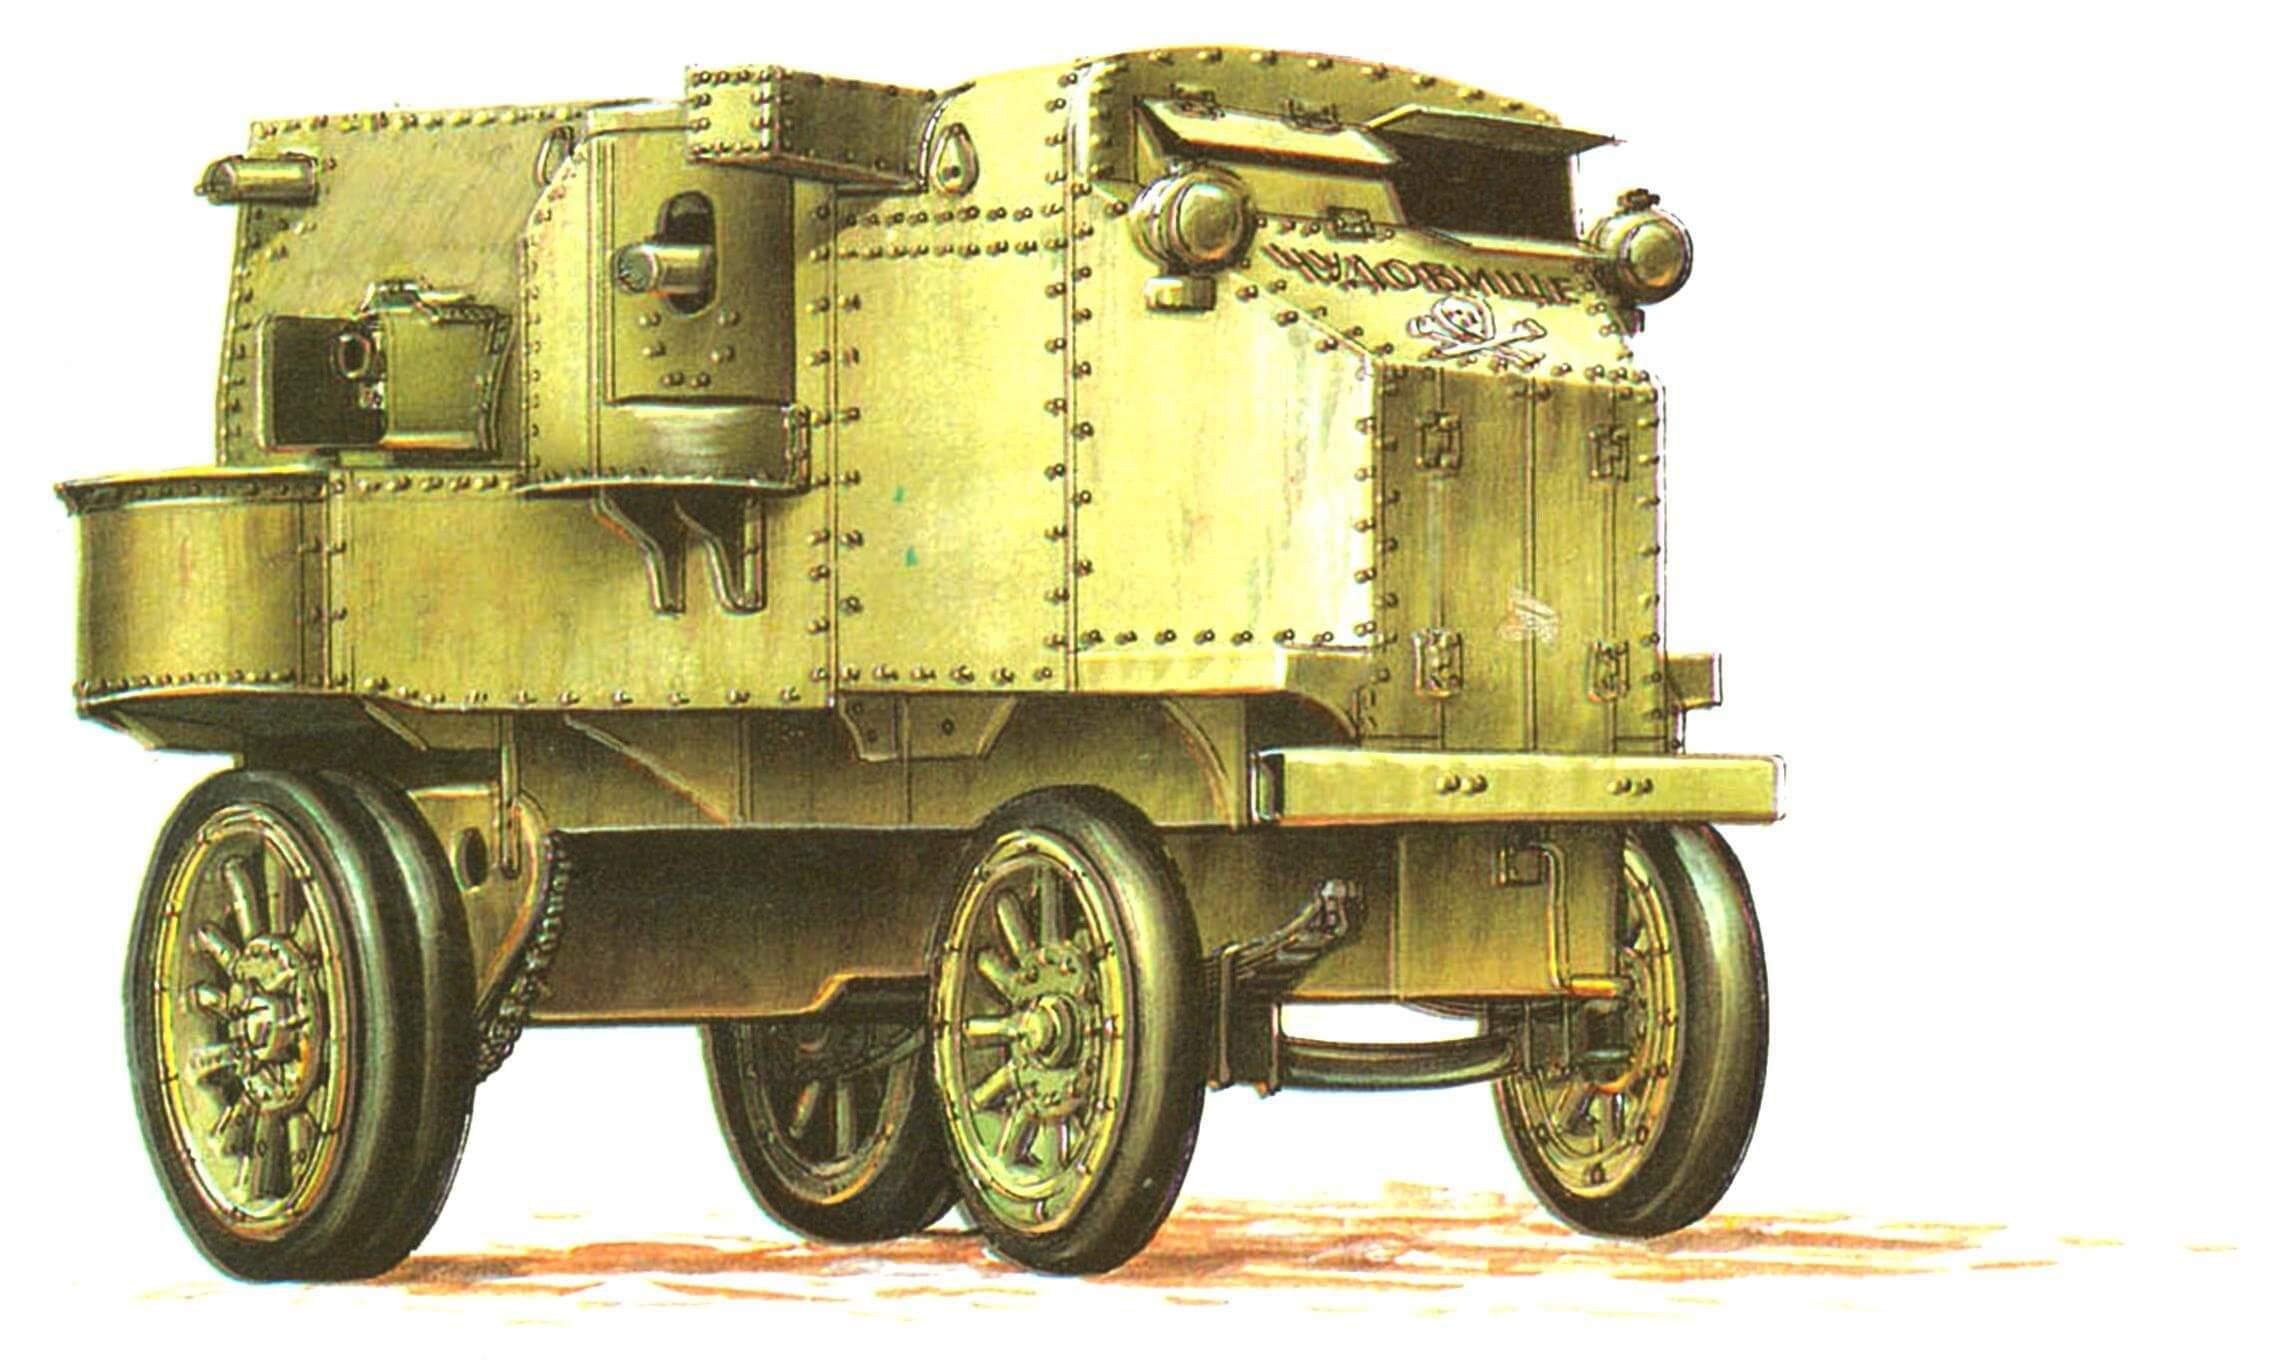 26-й автомобильный пулеметный взвод, командир взвода — штабс-капитан Поплавко. 1915 год.